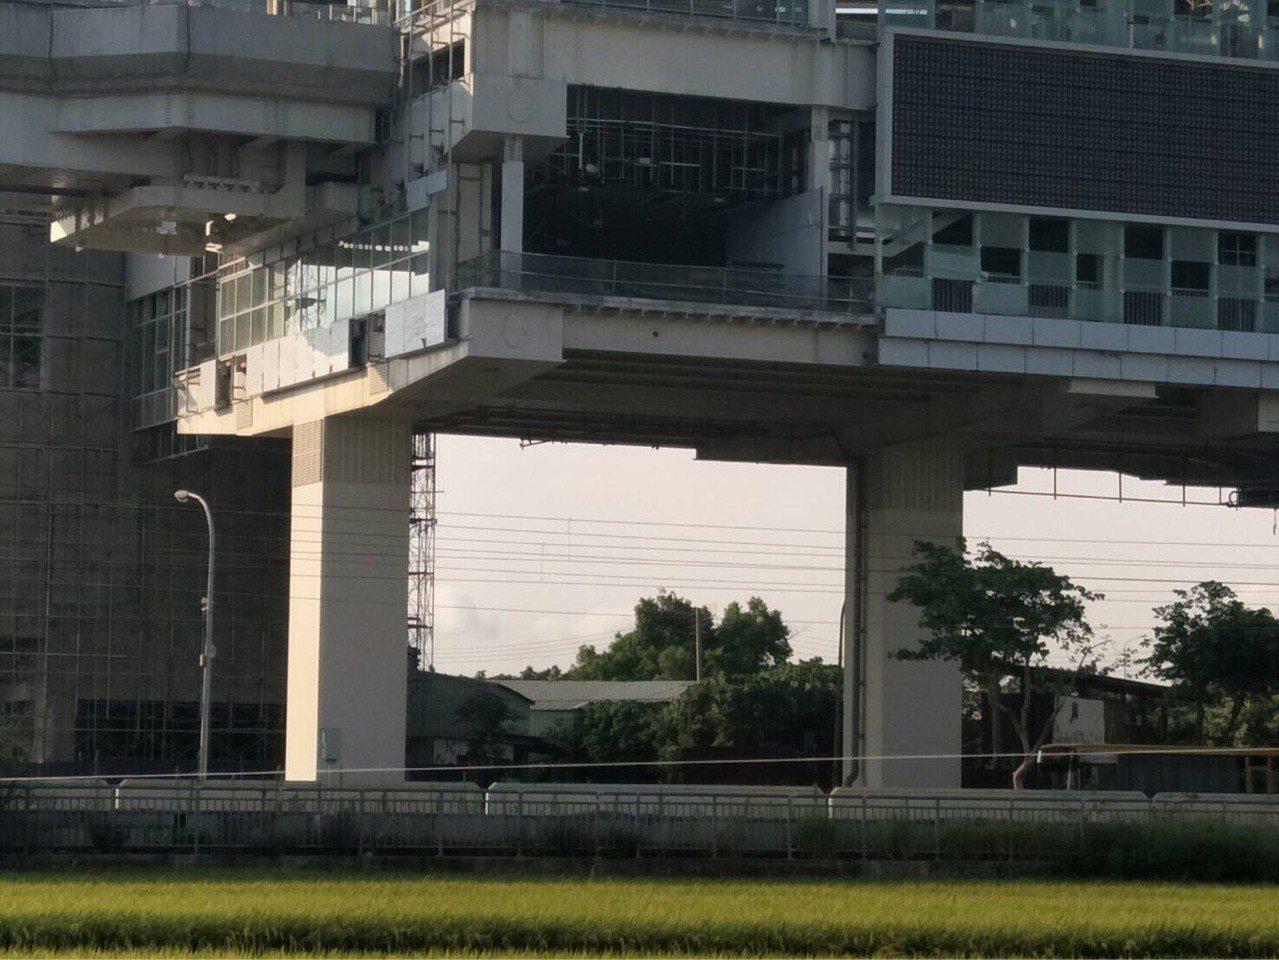 台中市中捷G14站種在田中央,無路可走。 圖/吳瓊華提供